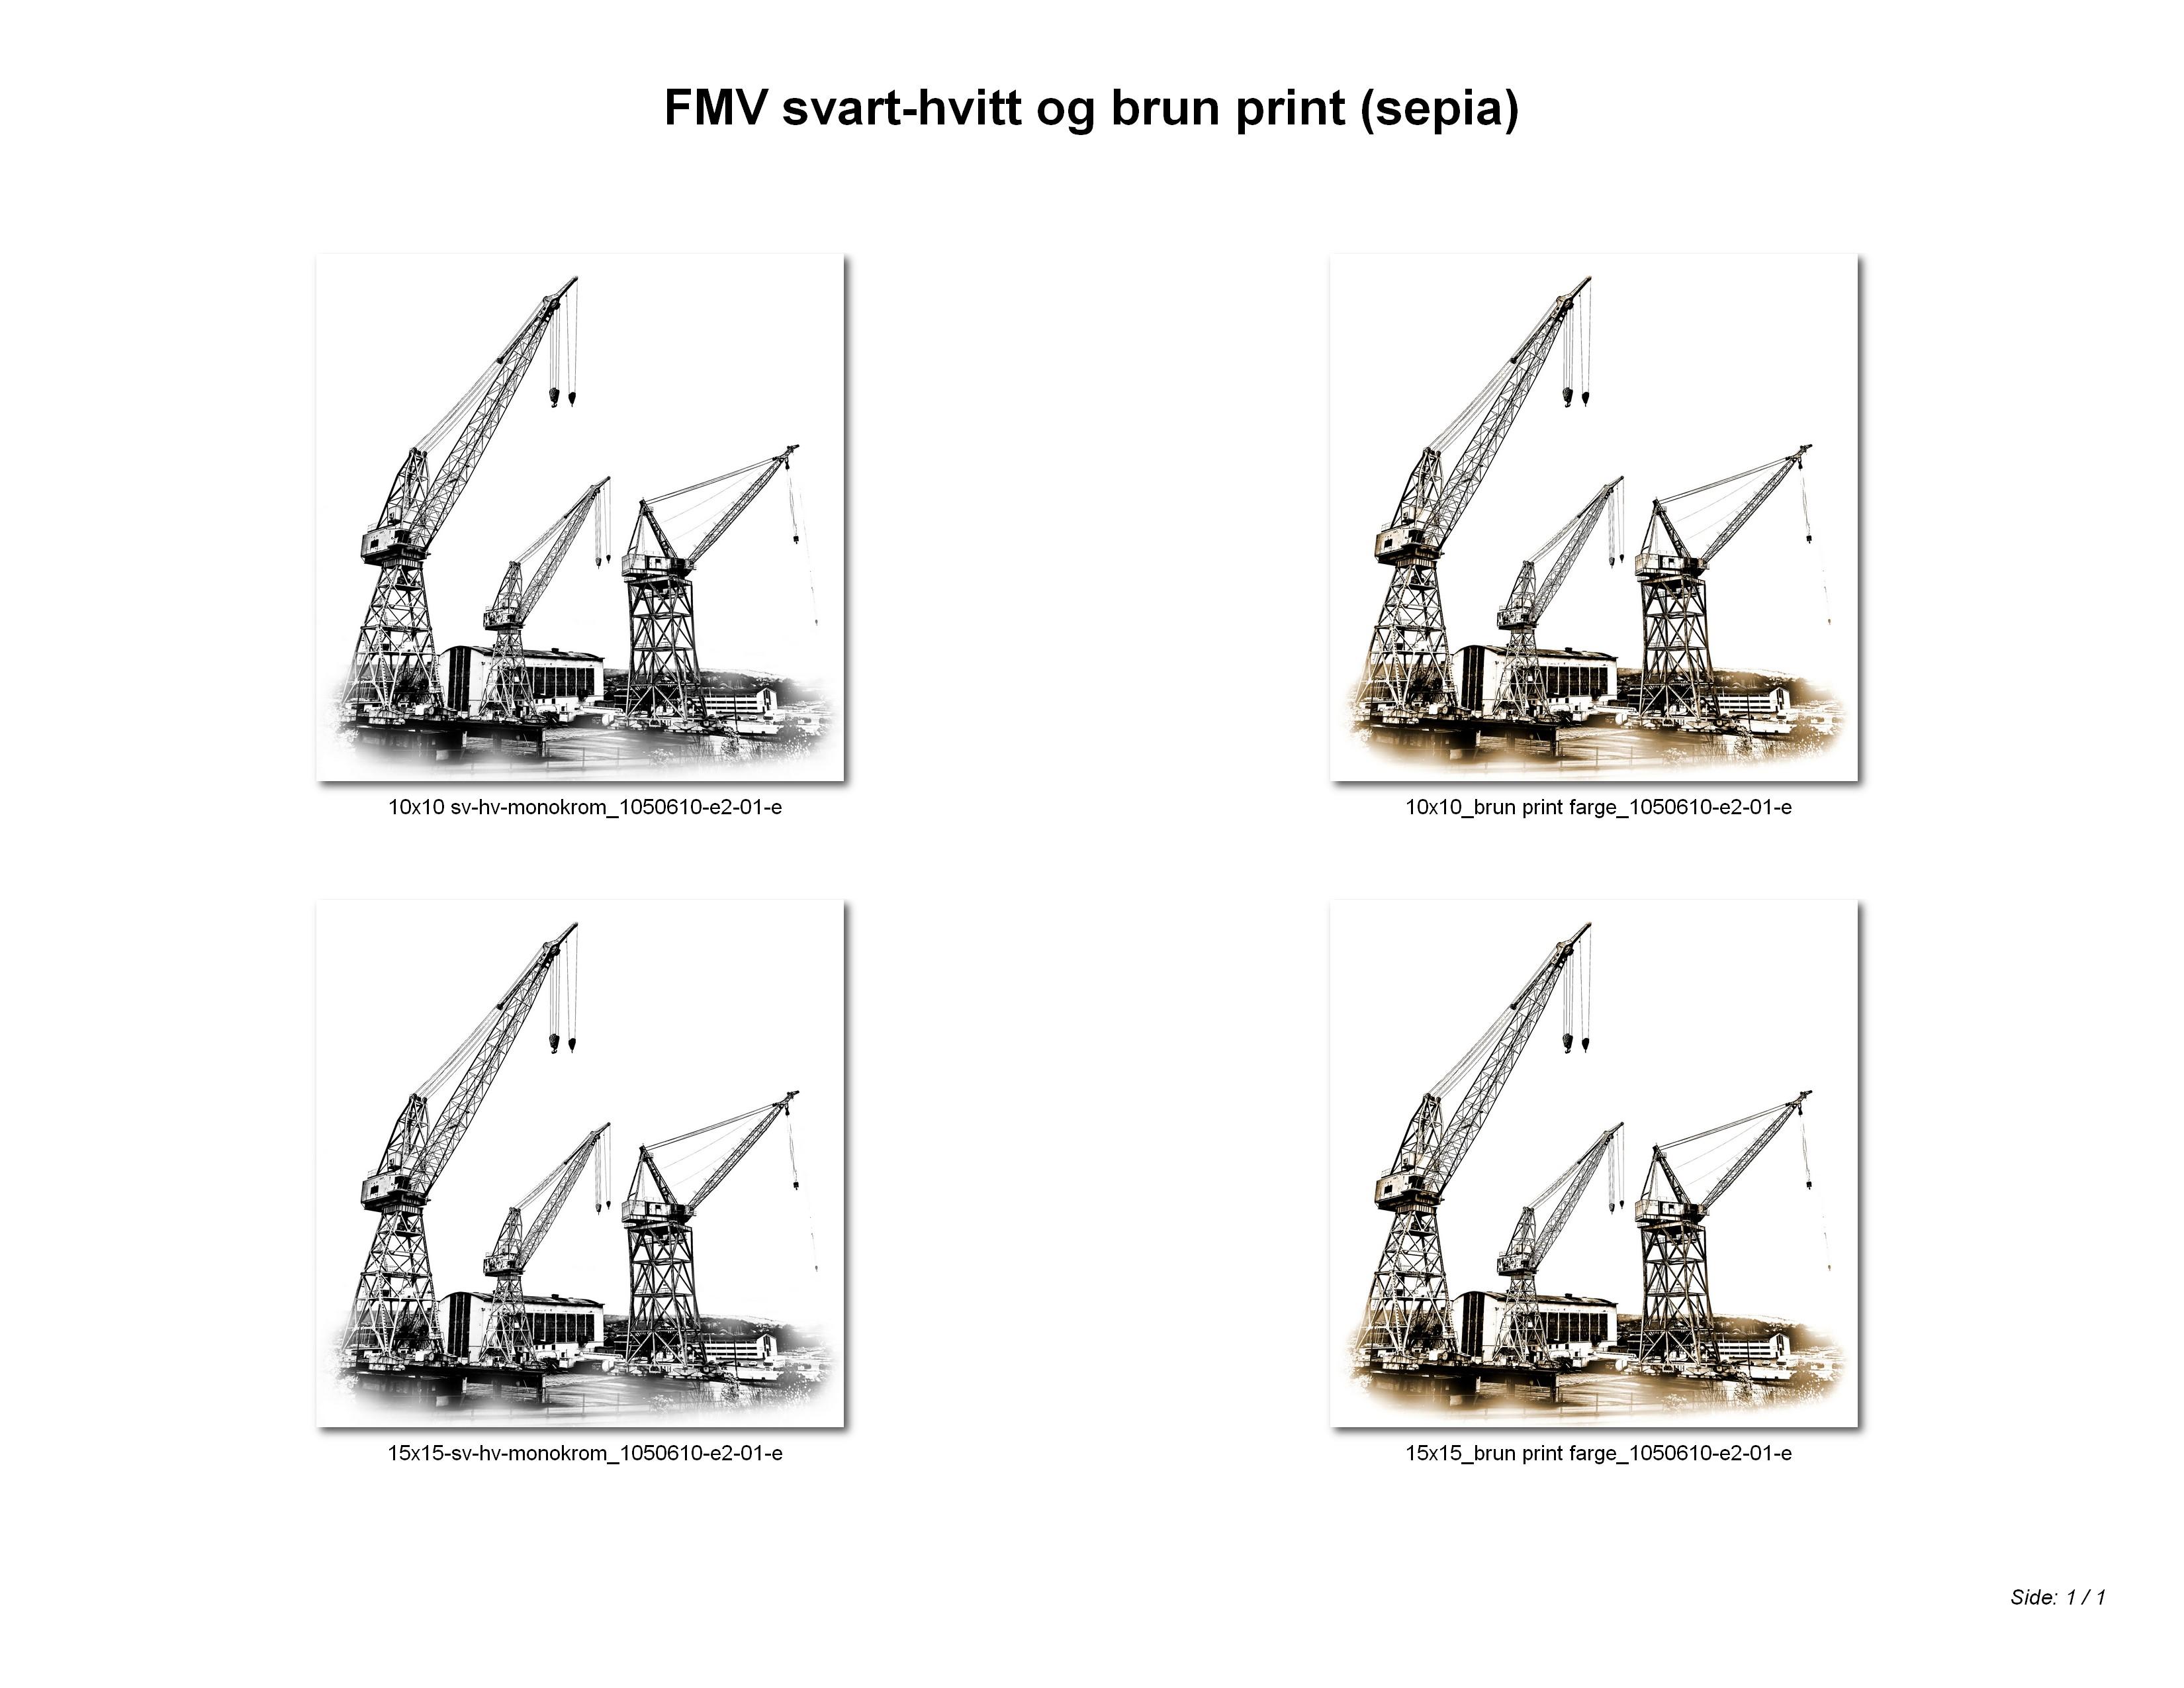 FMV svart-hvitt og brun print (sepia)